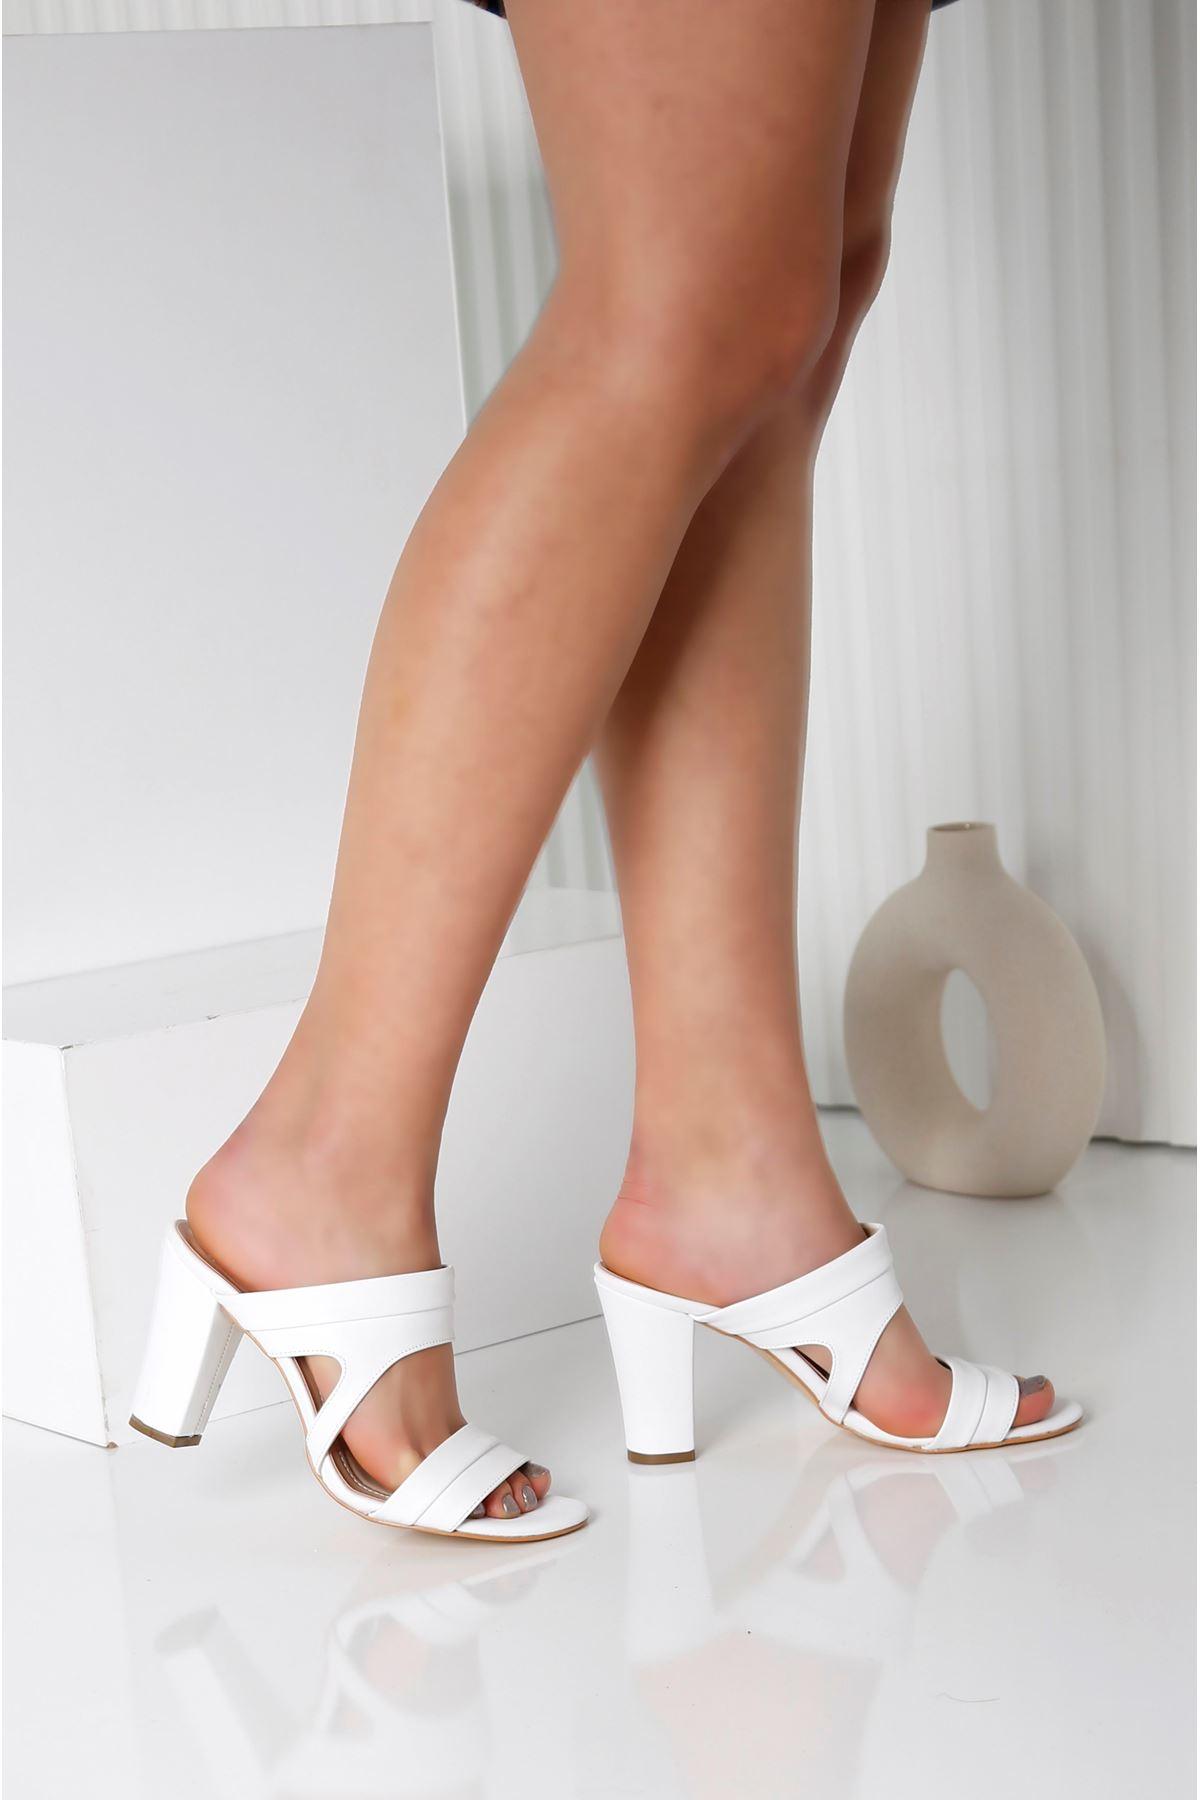 EDINA Beyaz Topuklu Kadın Terlik